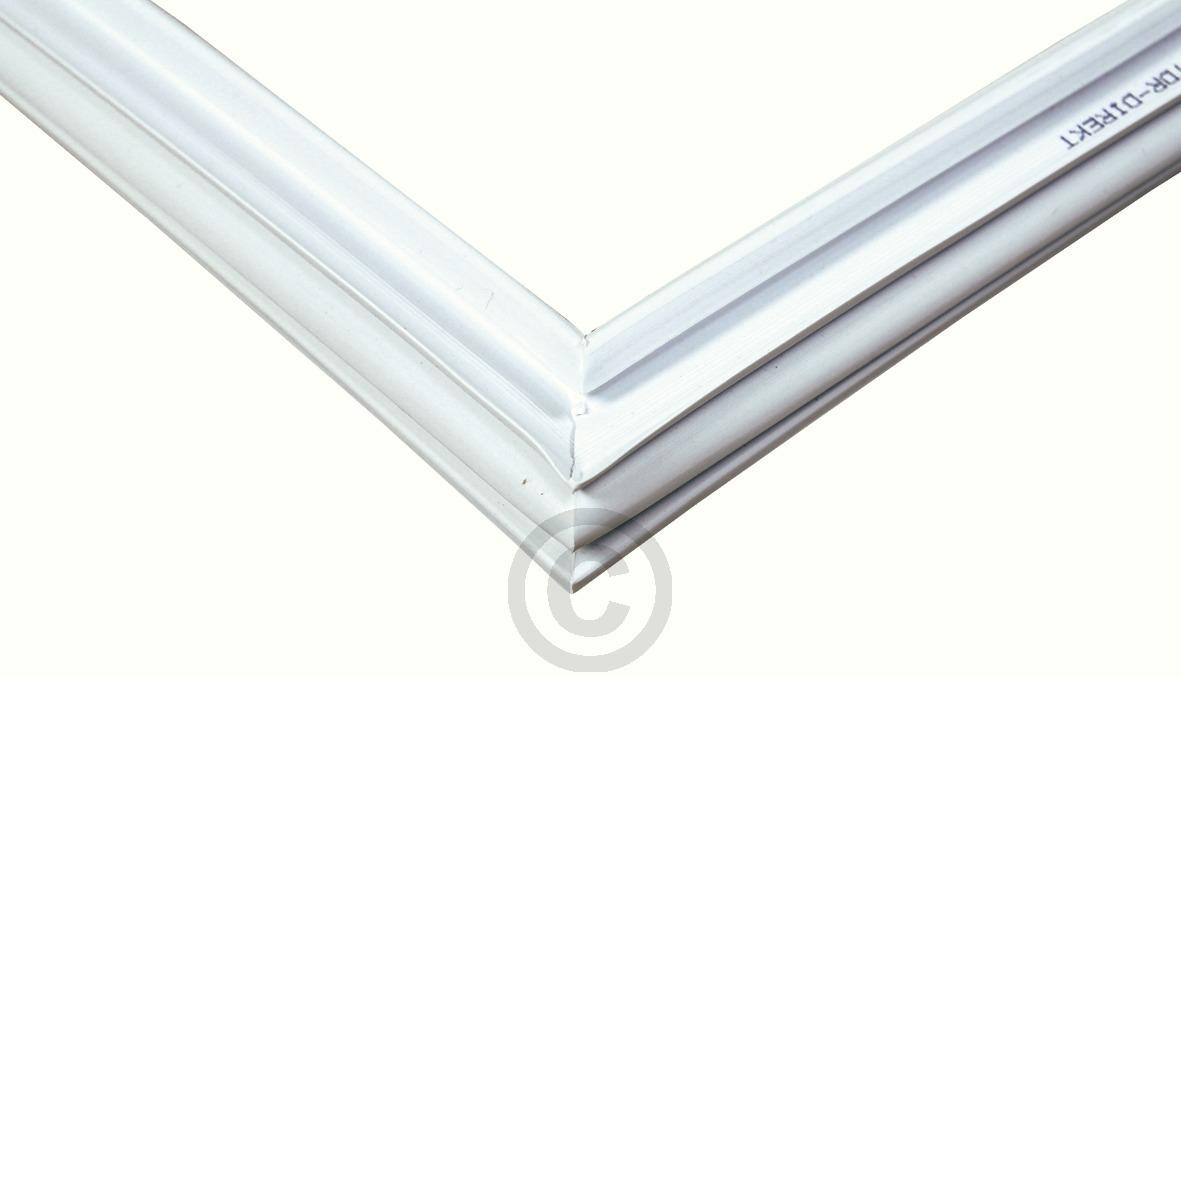 Türdichtung 4-seitig 00214226 214226 Bosch, Siemens, Neff